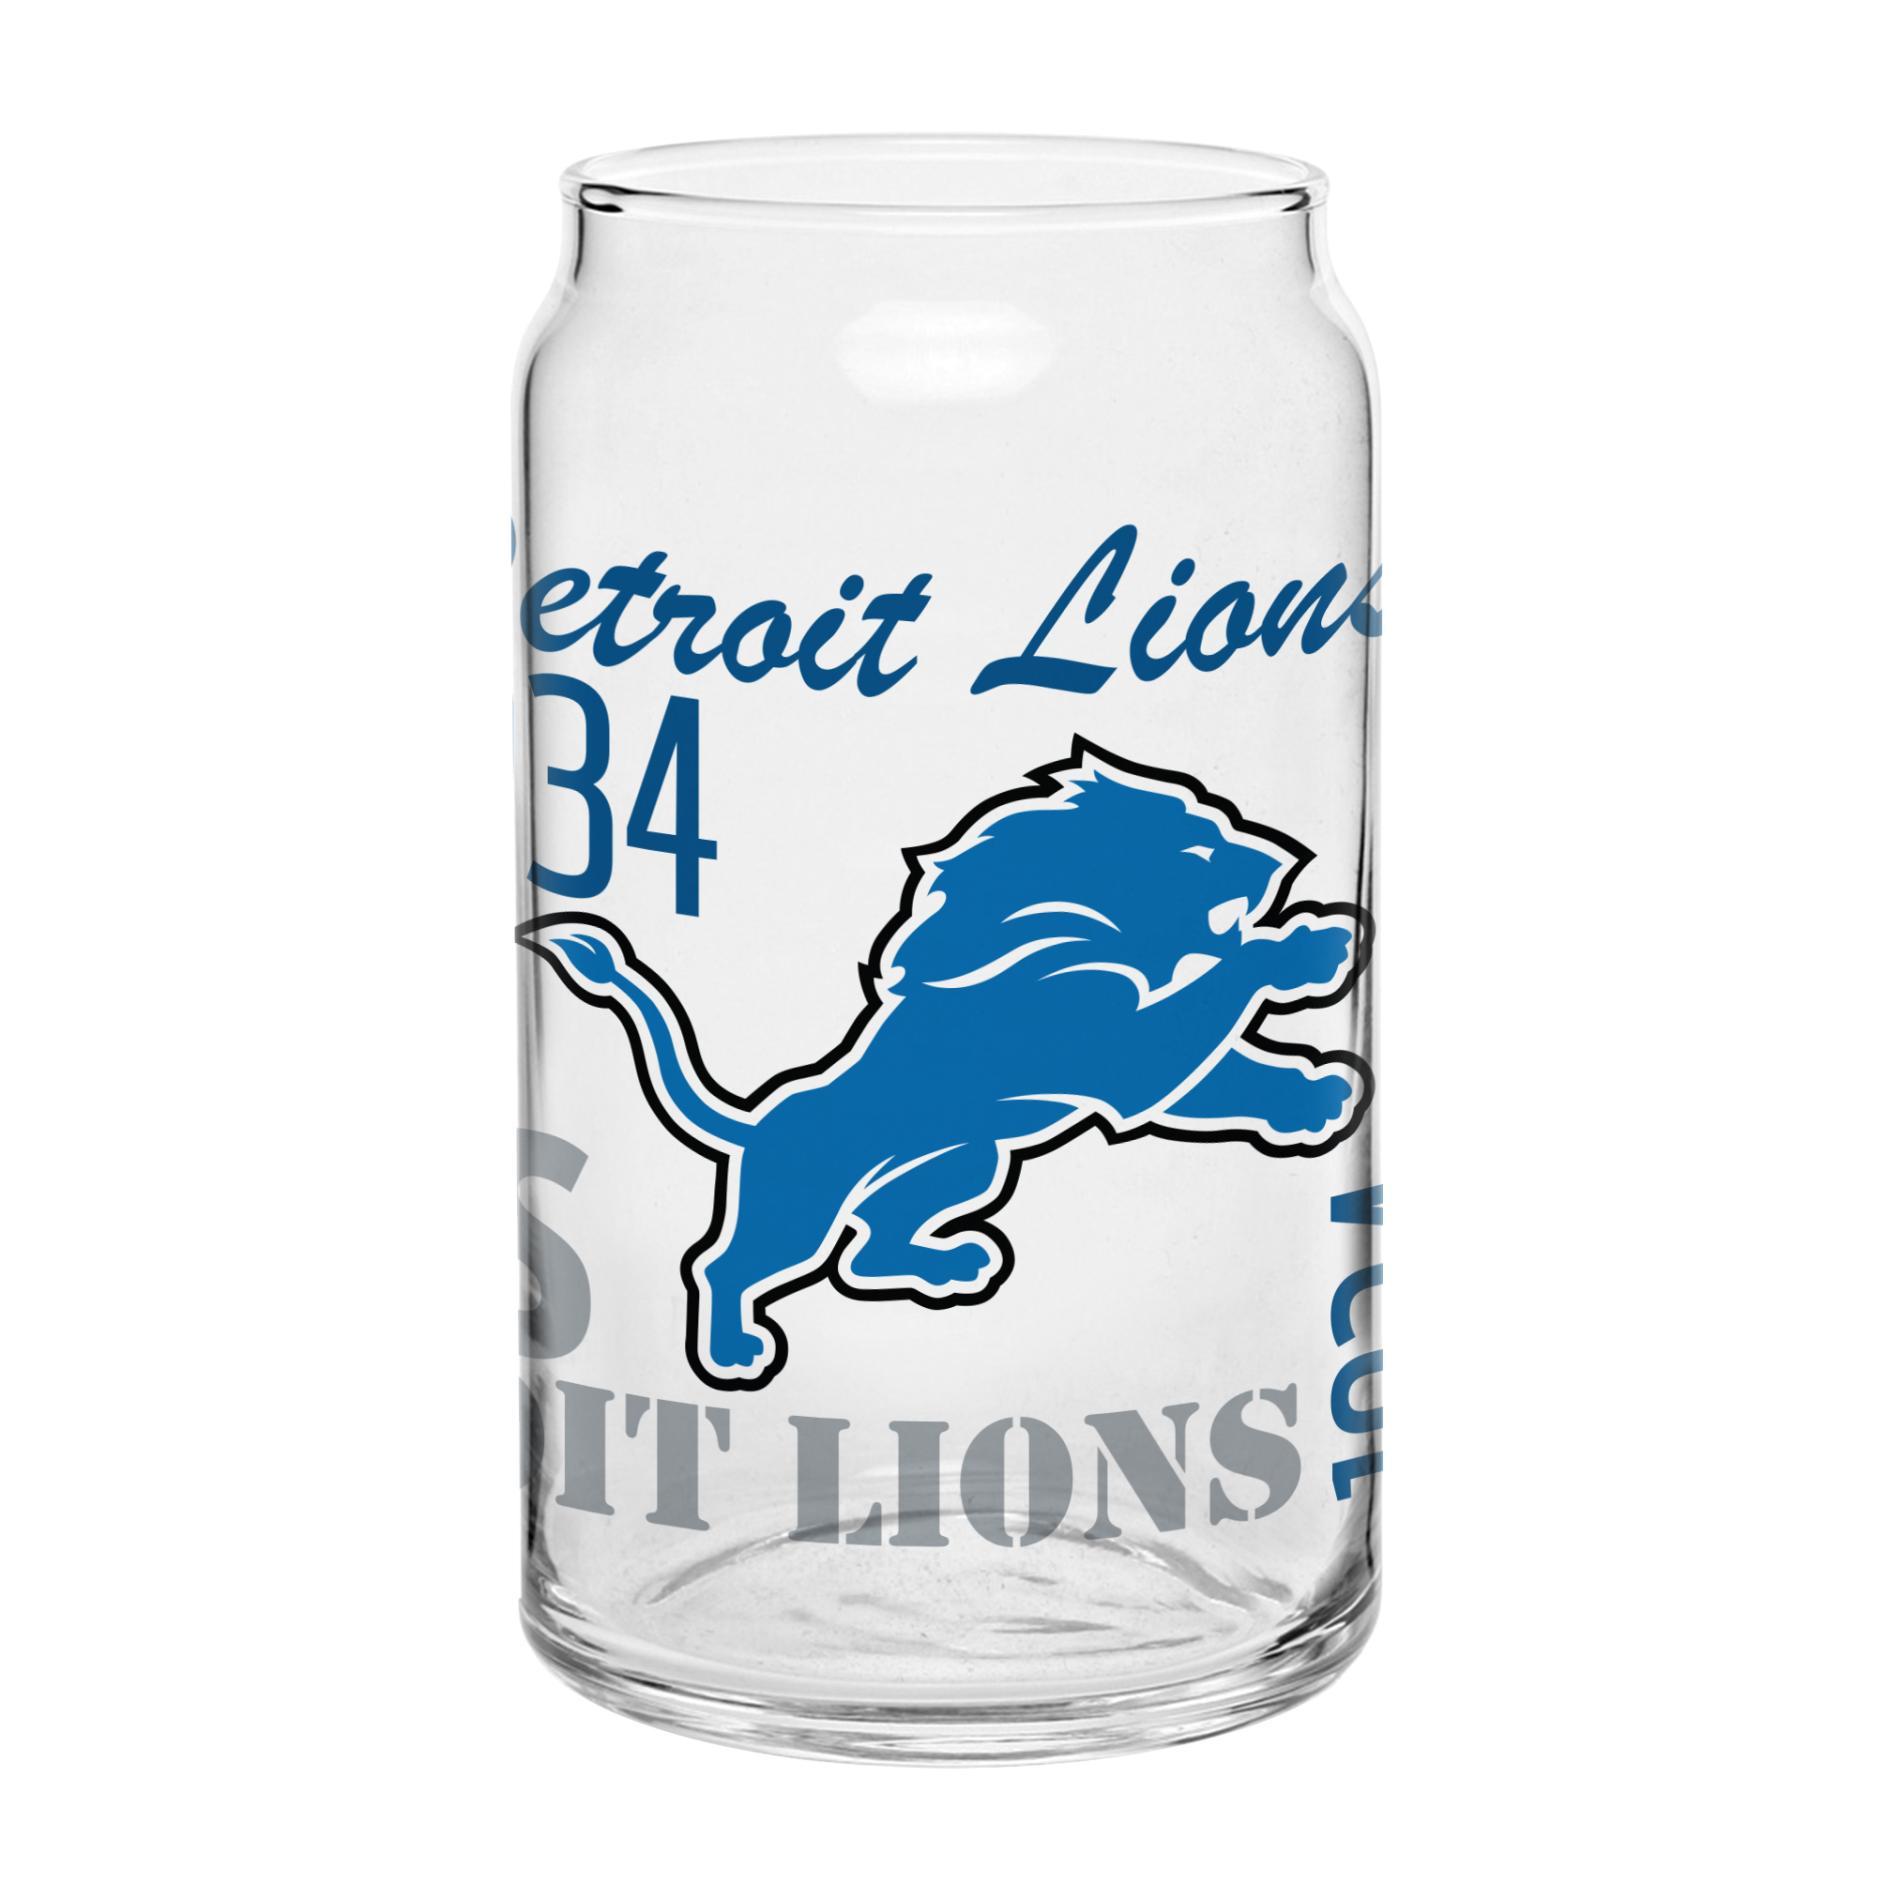 NFL Spirit Glass Can - Detroit Lions PartNumber: 046W003066195001P KsnValue: 3066195 MfgPartNumber: 319838